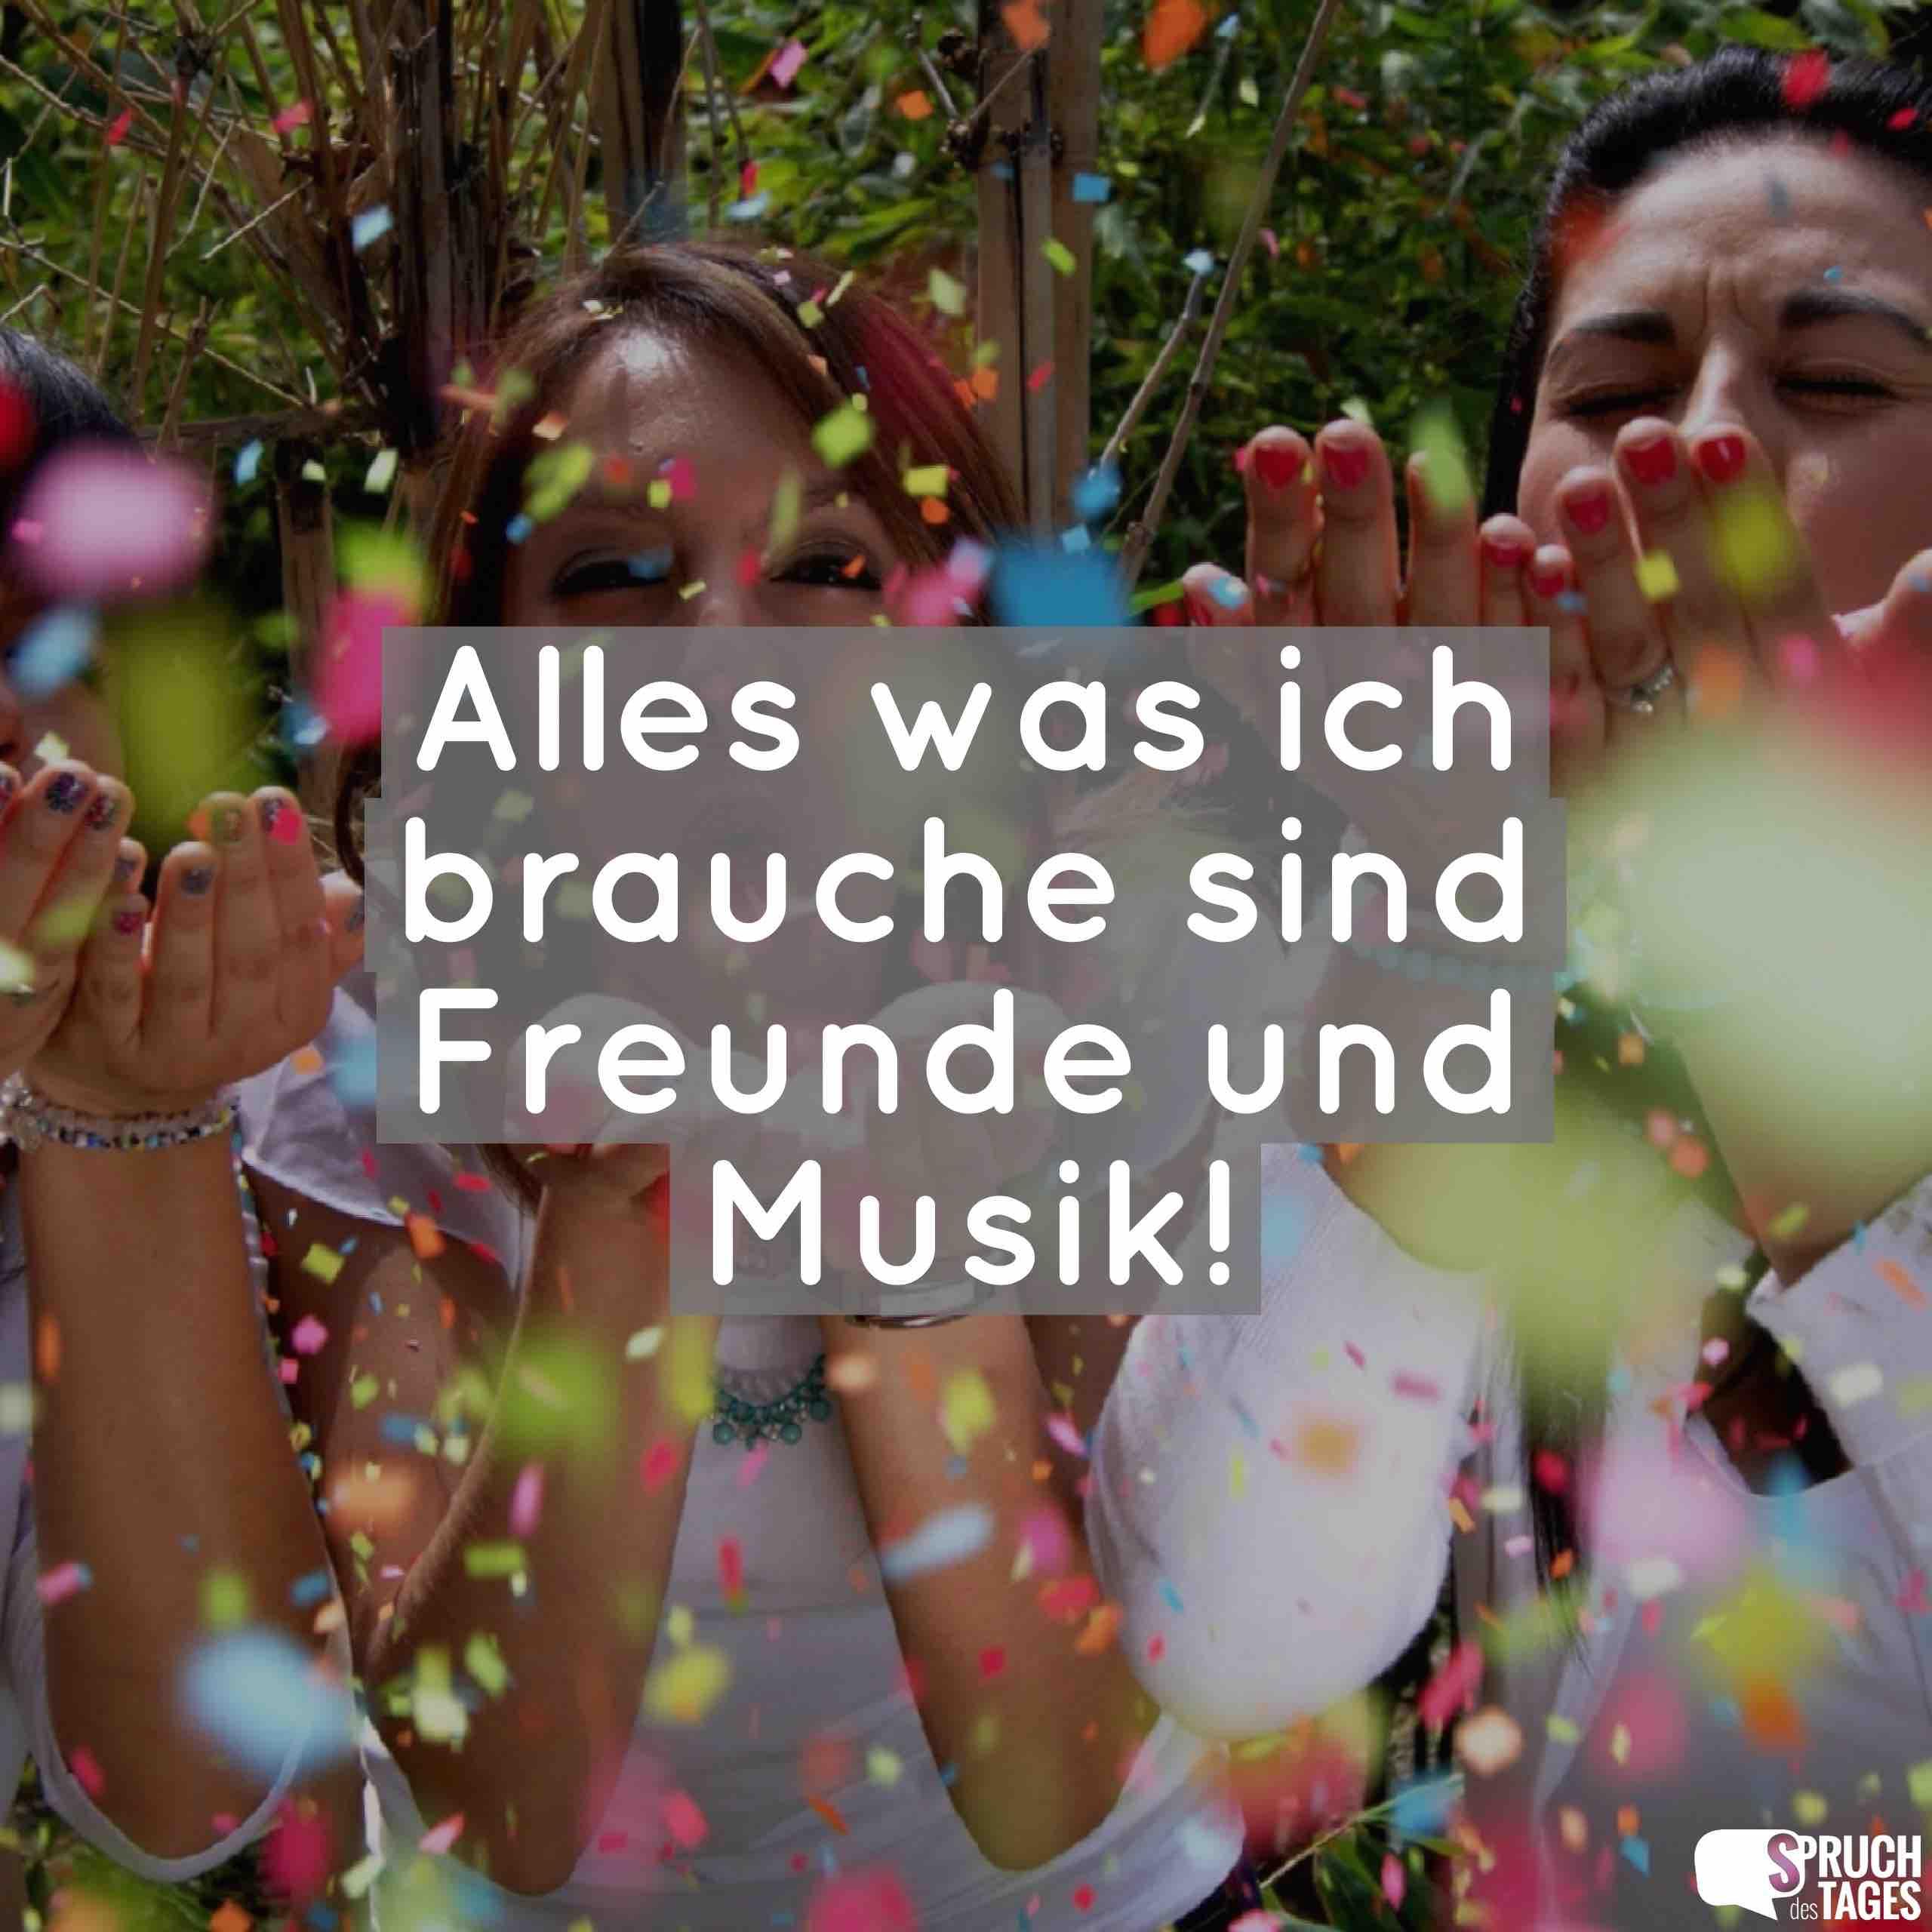 Attraktiv Musik Sprüche Referenz Von